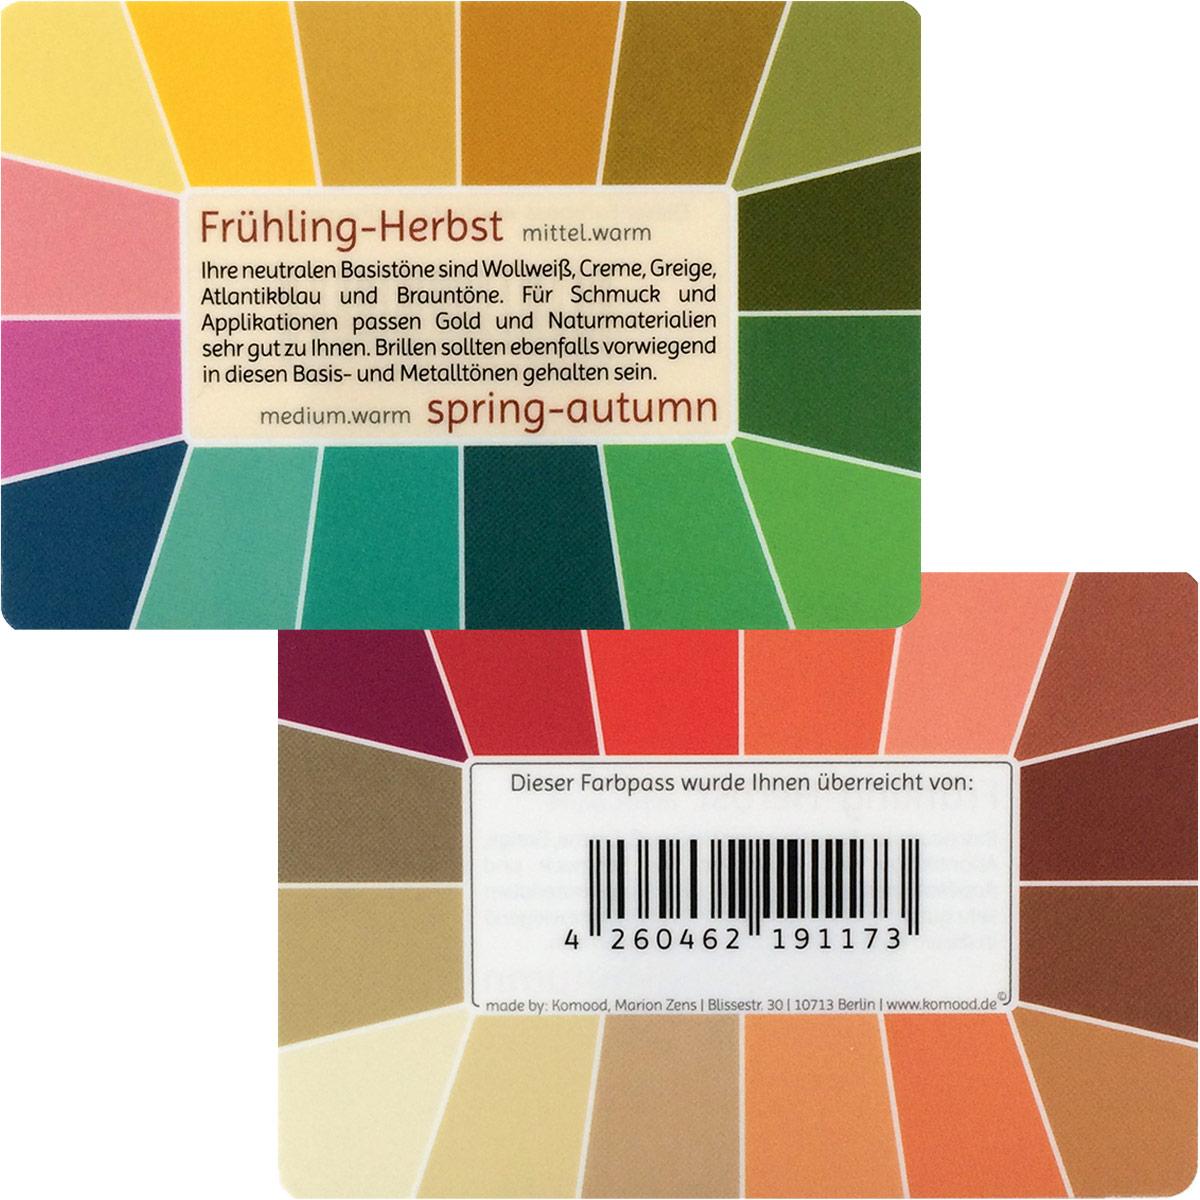 farbpass fr hling herbst mit 32 farben memo komood shop. Black Bedroom Furniture Sets. Home Design Ideas